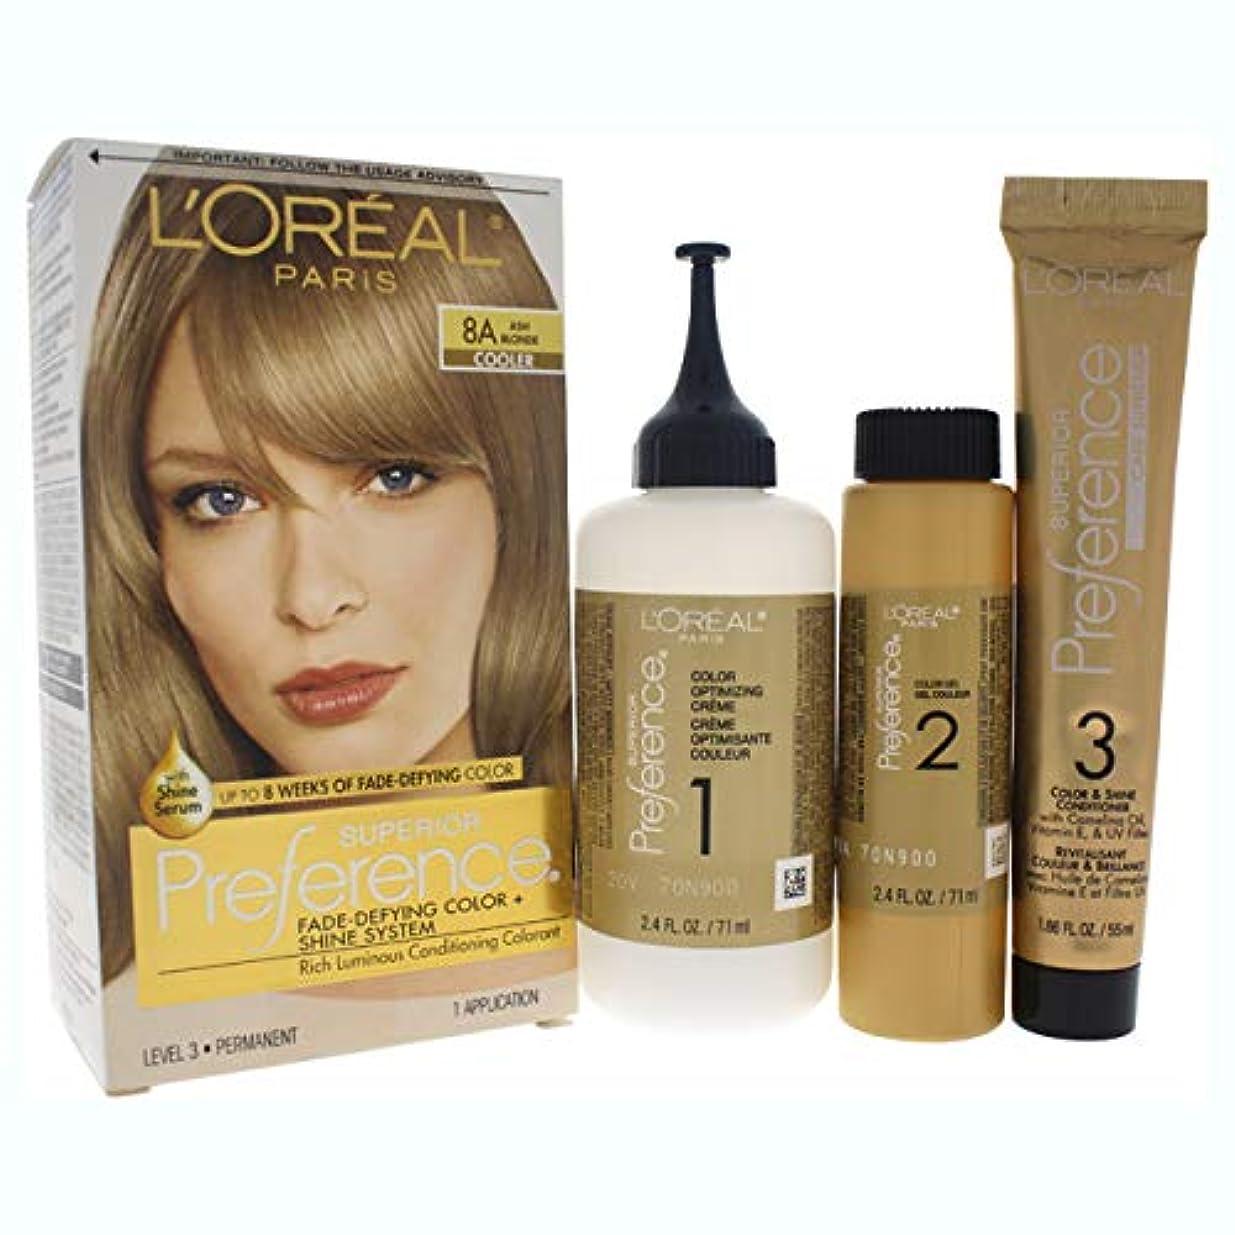 低い公使館見えるL'Oreal Paris 県Haircol 8Aサイズ1CTロレアルプリファレンスヘアカラーアッシュブロンド#8(a)